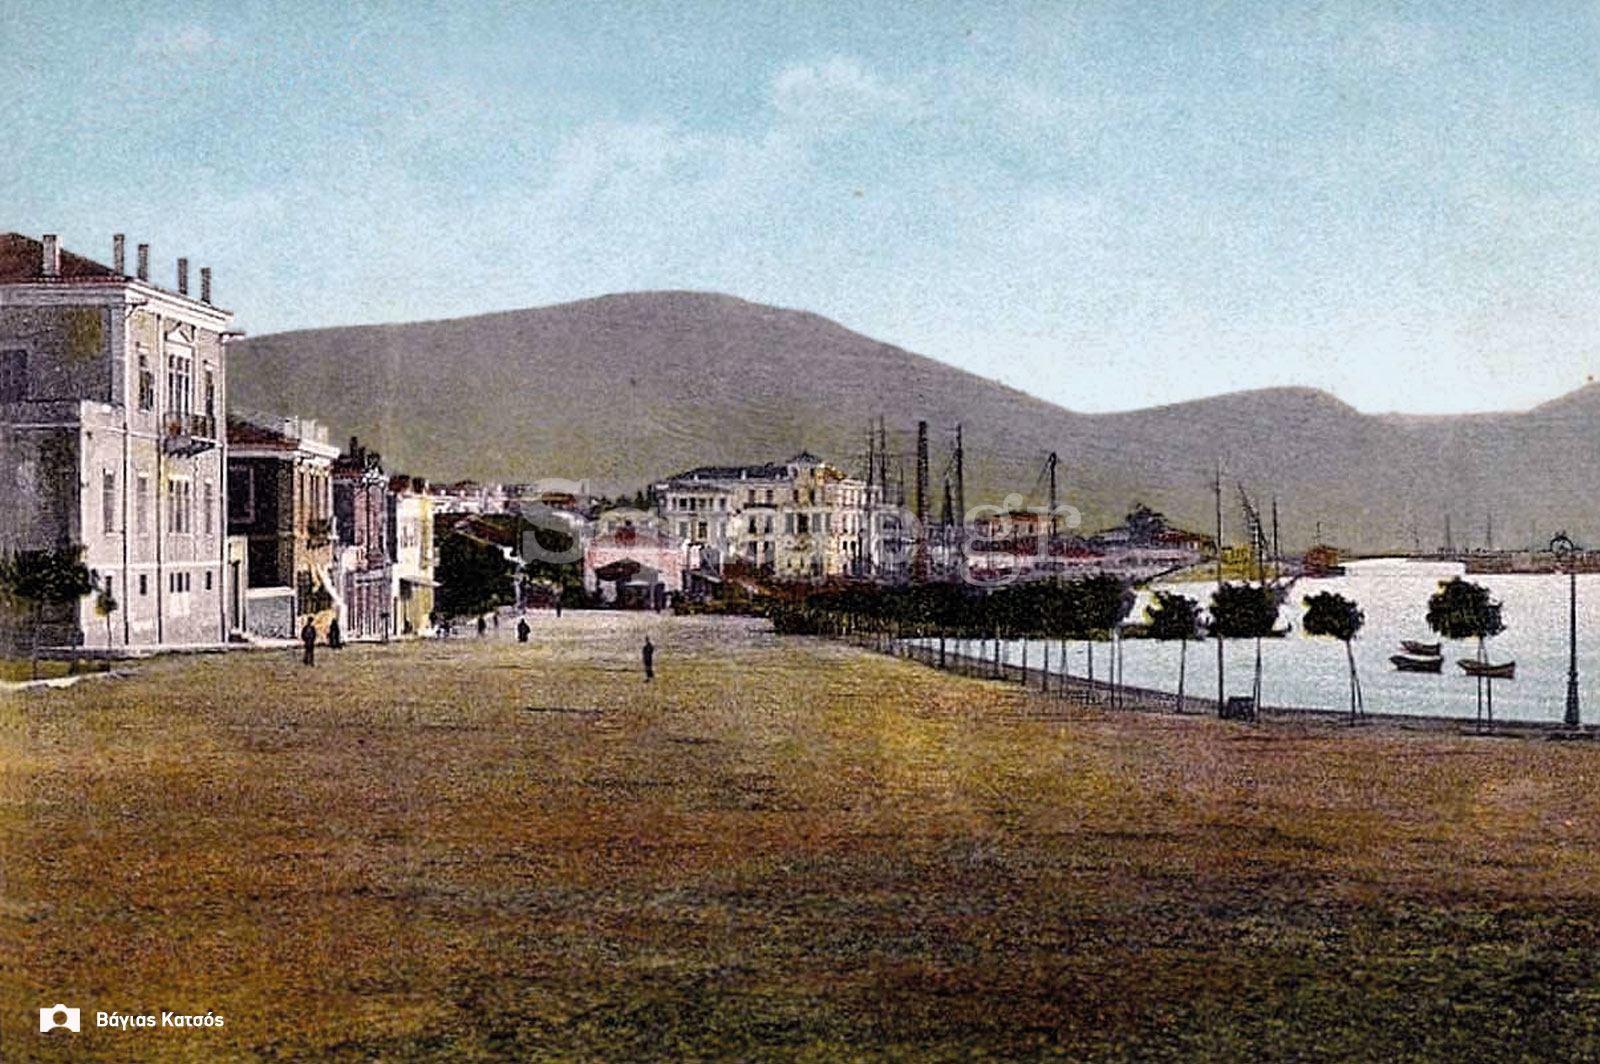 5-Κρηπίδωμα-αμέσως-μετά-τη-διαμόρφωση-του-αρχές-1905-10